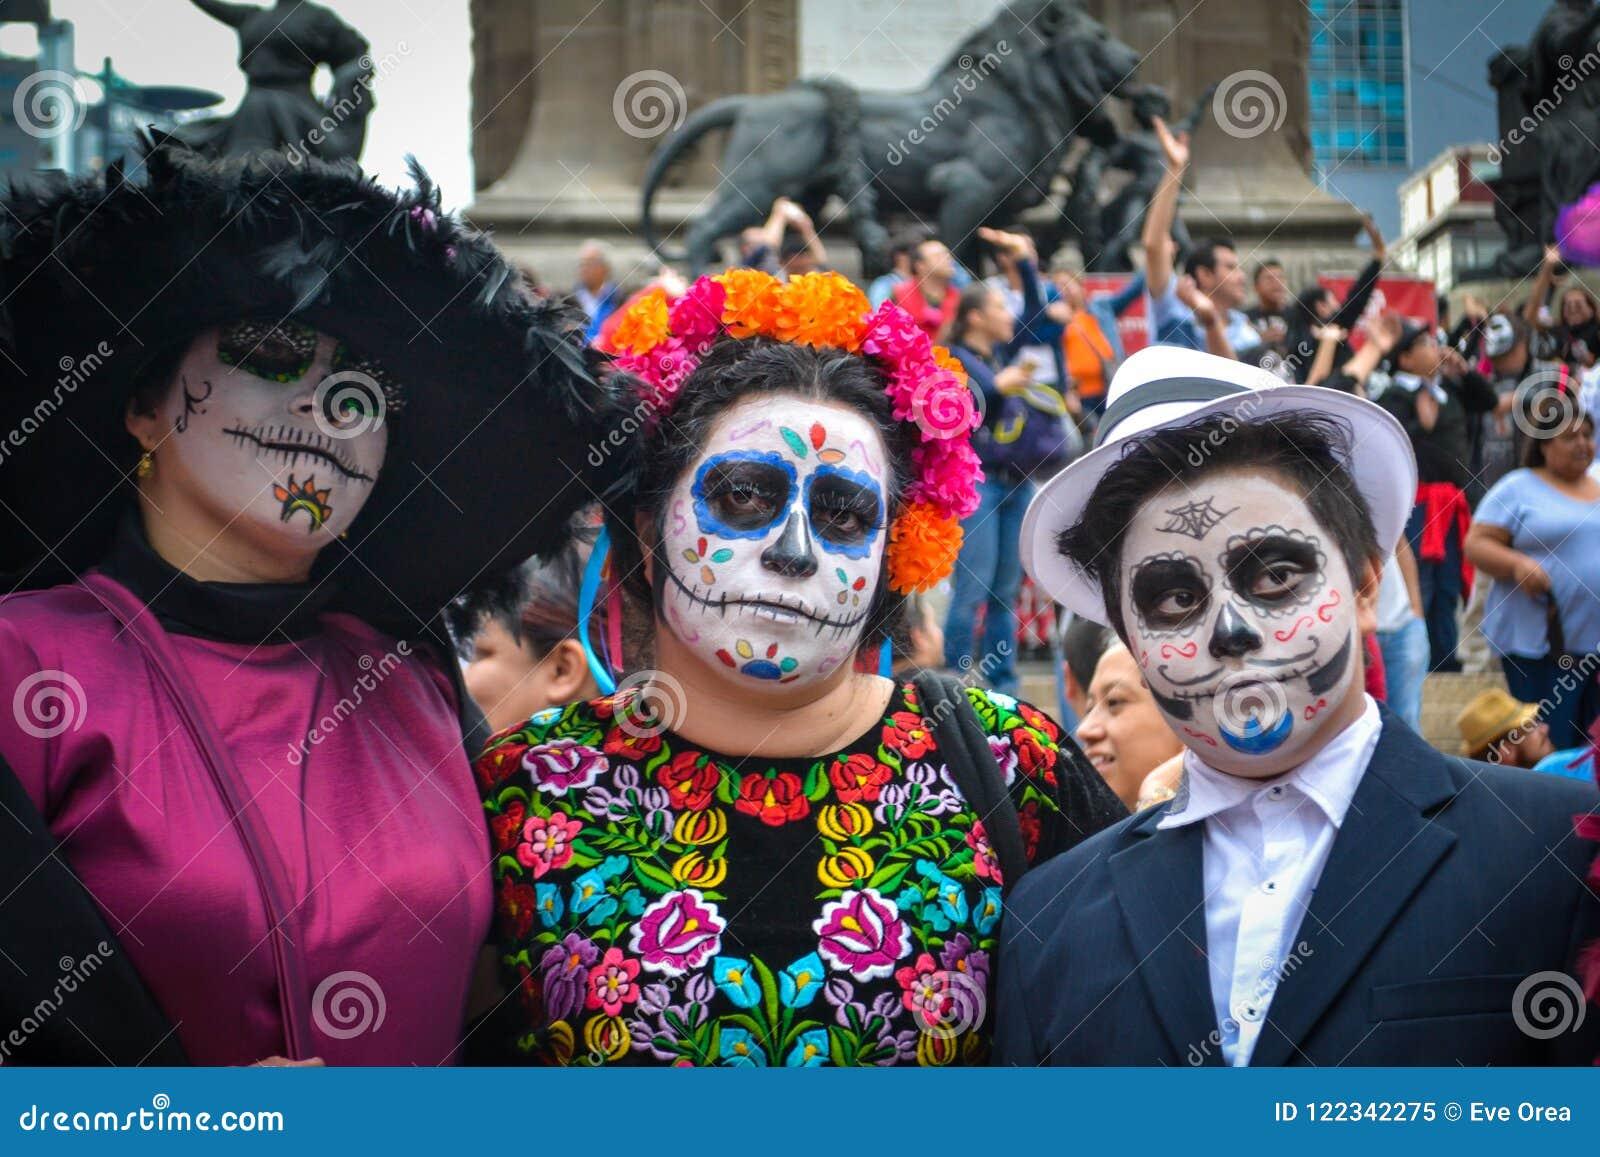 Ciudad de México, México; 26 de octubre de 2016: Retrato de una familia en disfraz en el día del desfile muerto en Ciudad de Méxi